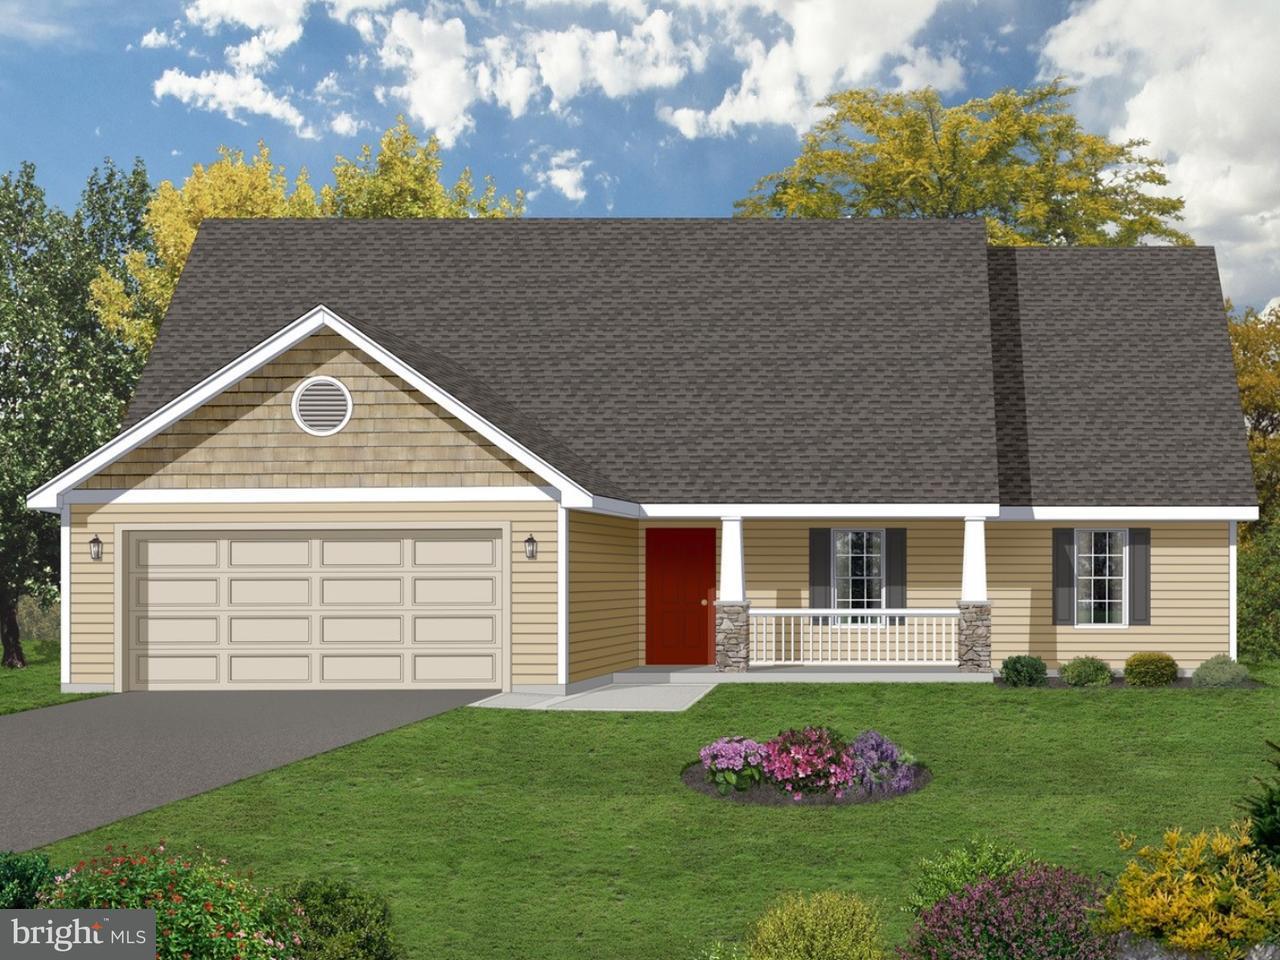 Частный односемейный дом для того Продажа на 252 OWL CREEK Road Tamaqua, Пенсильвания 18252 Соединенные Штаты